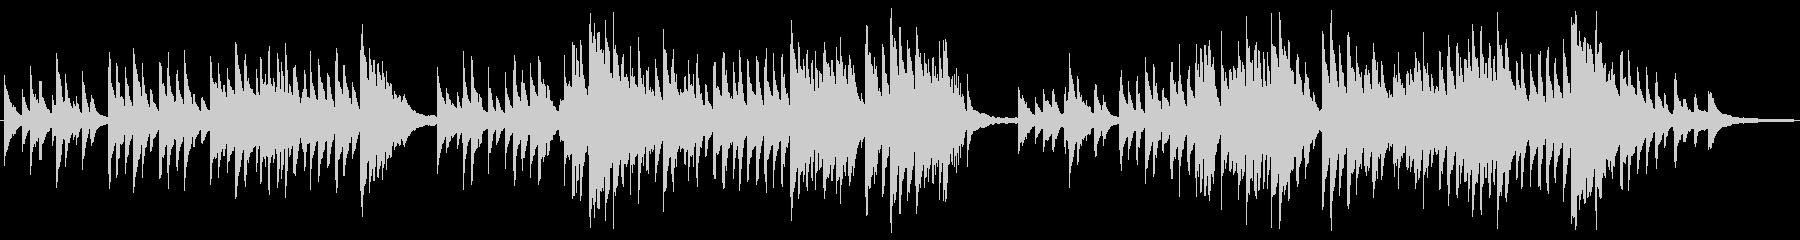 切ないメロディーと華やかなピアノアレンジの未再生の波形